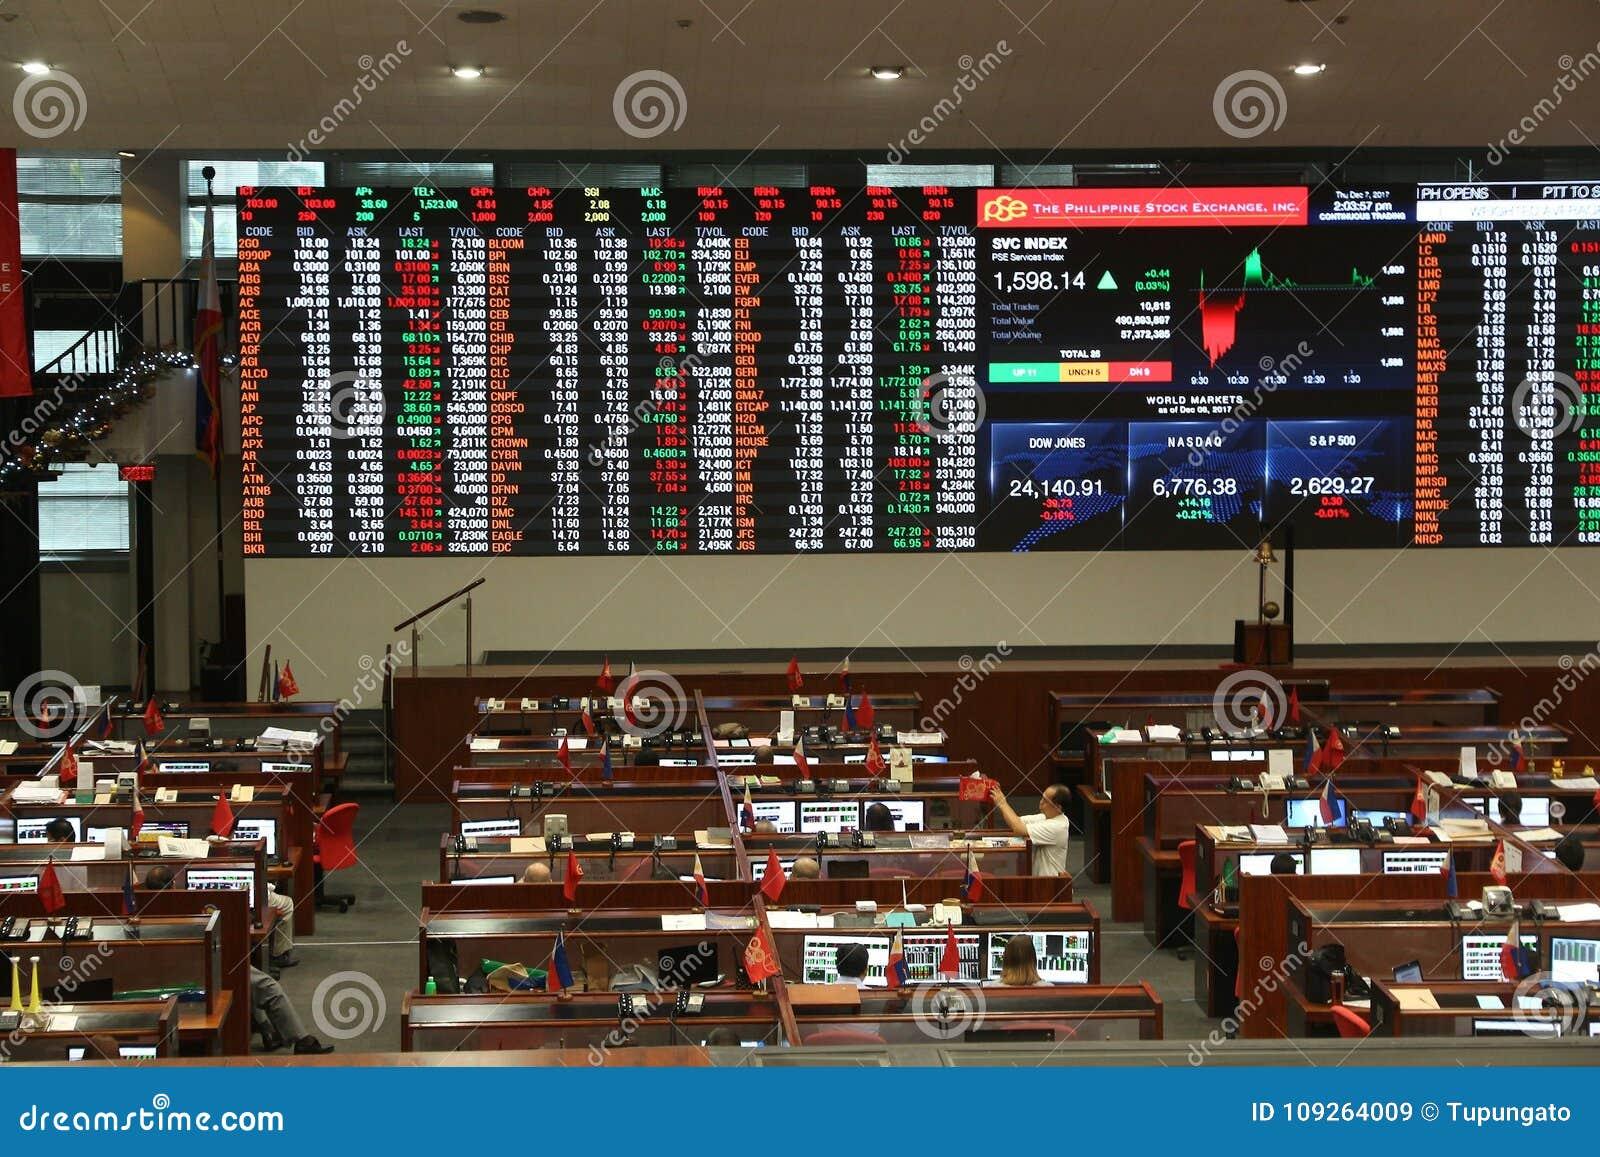 Philippinische Börse